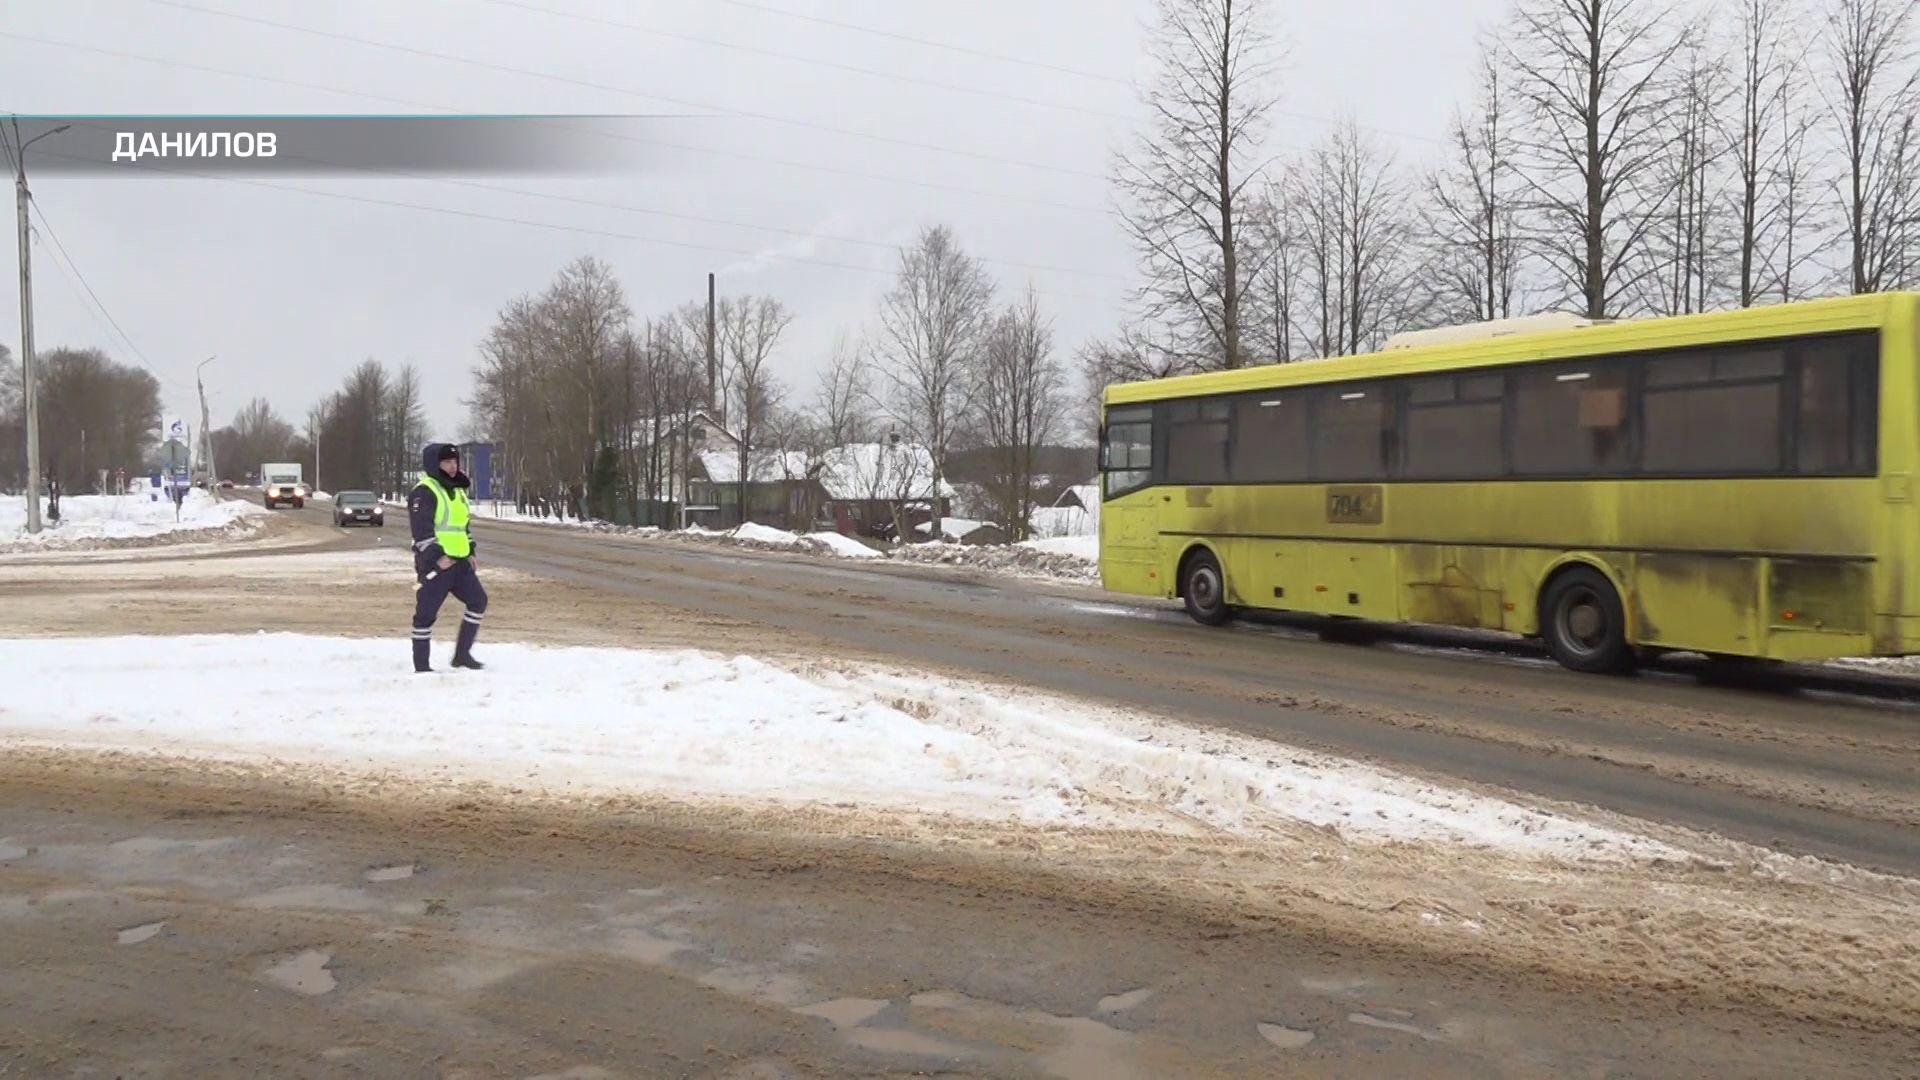 Сотрудники ГИБДД провели очередной рейд по автобусам в Данилове